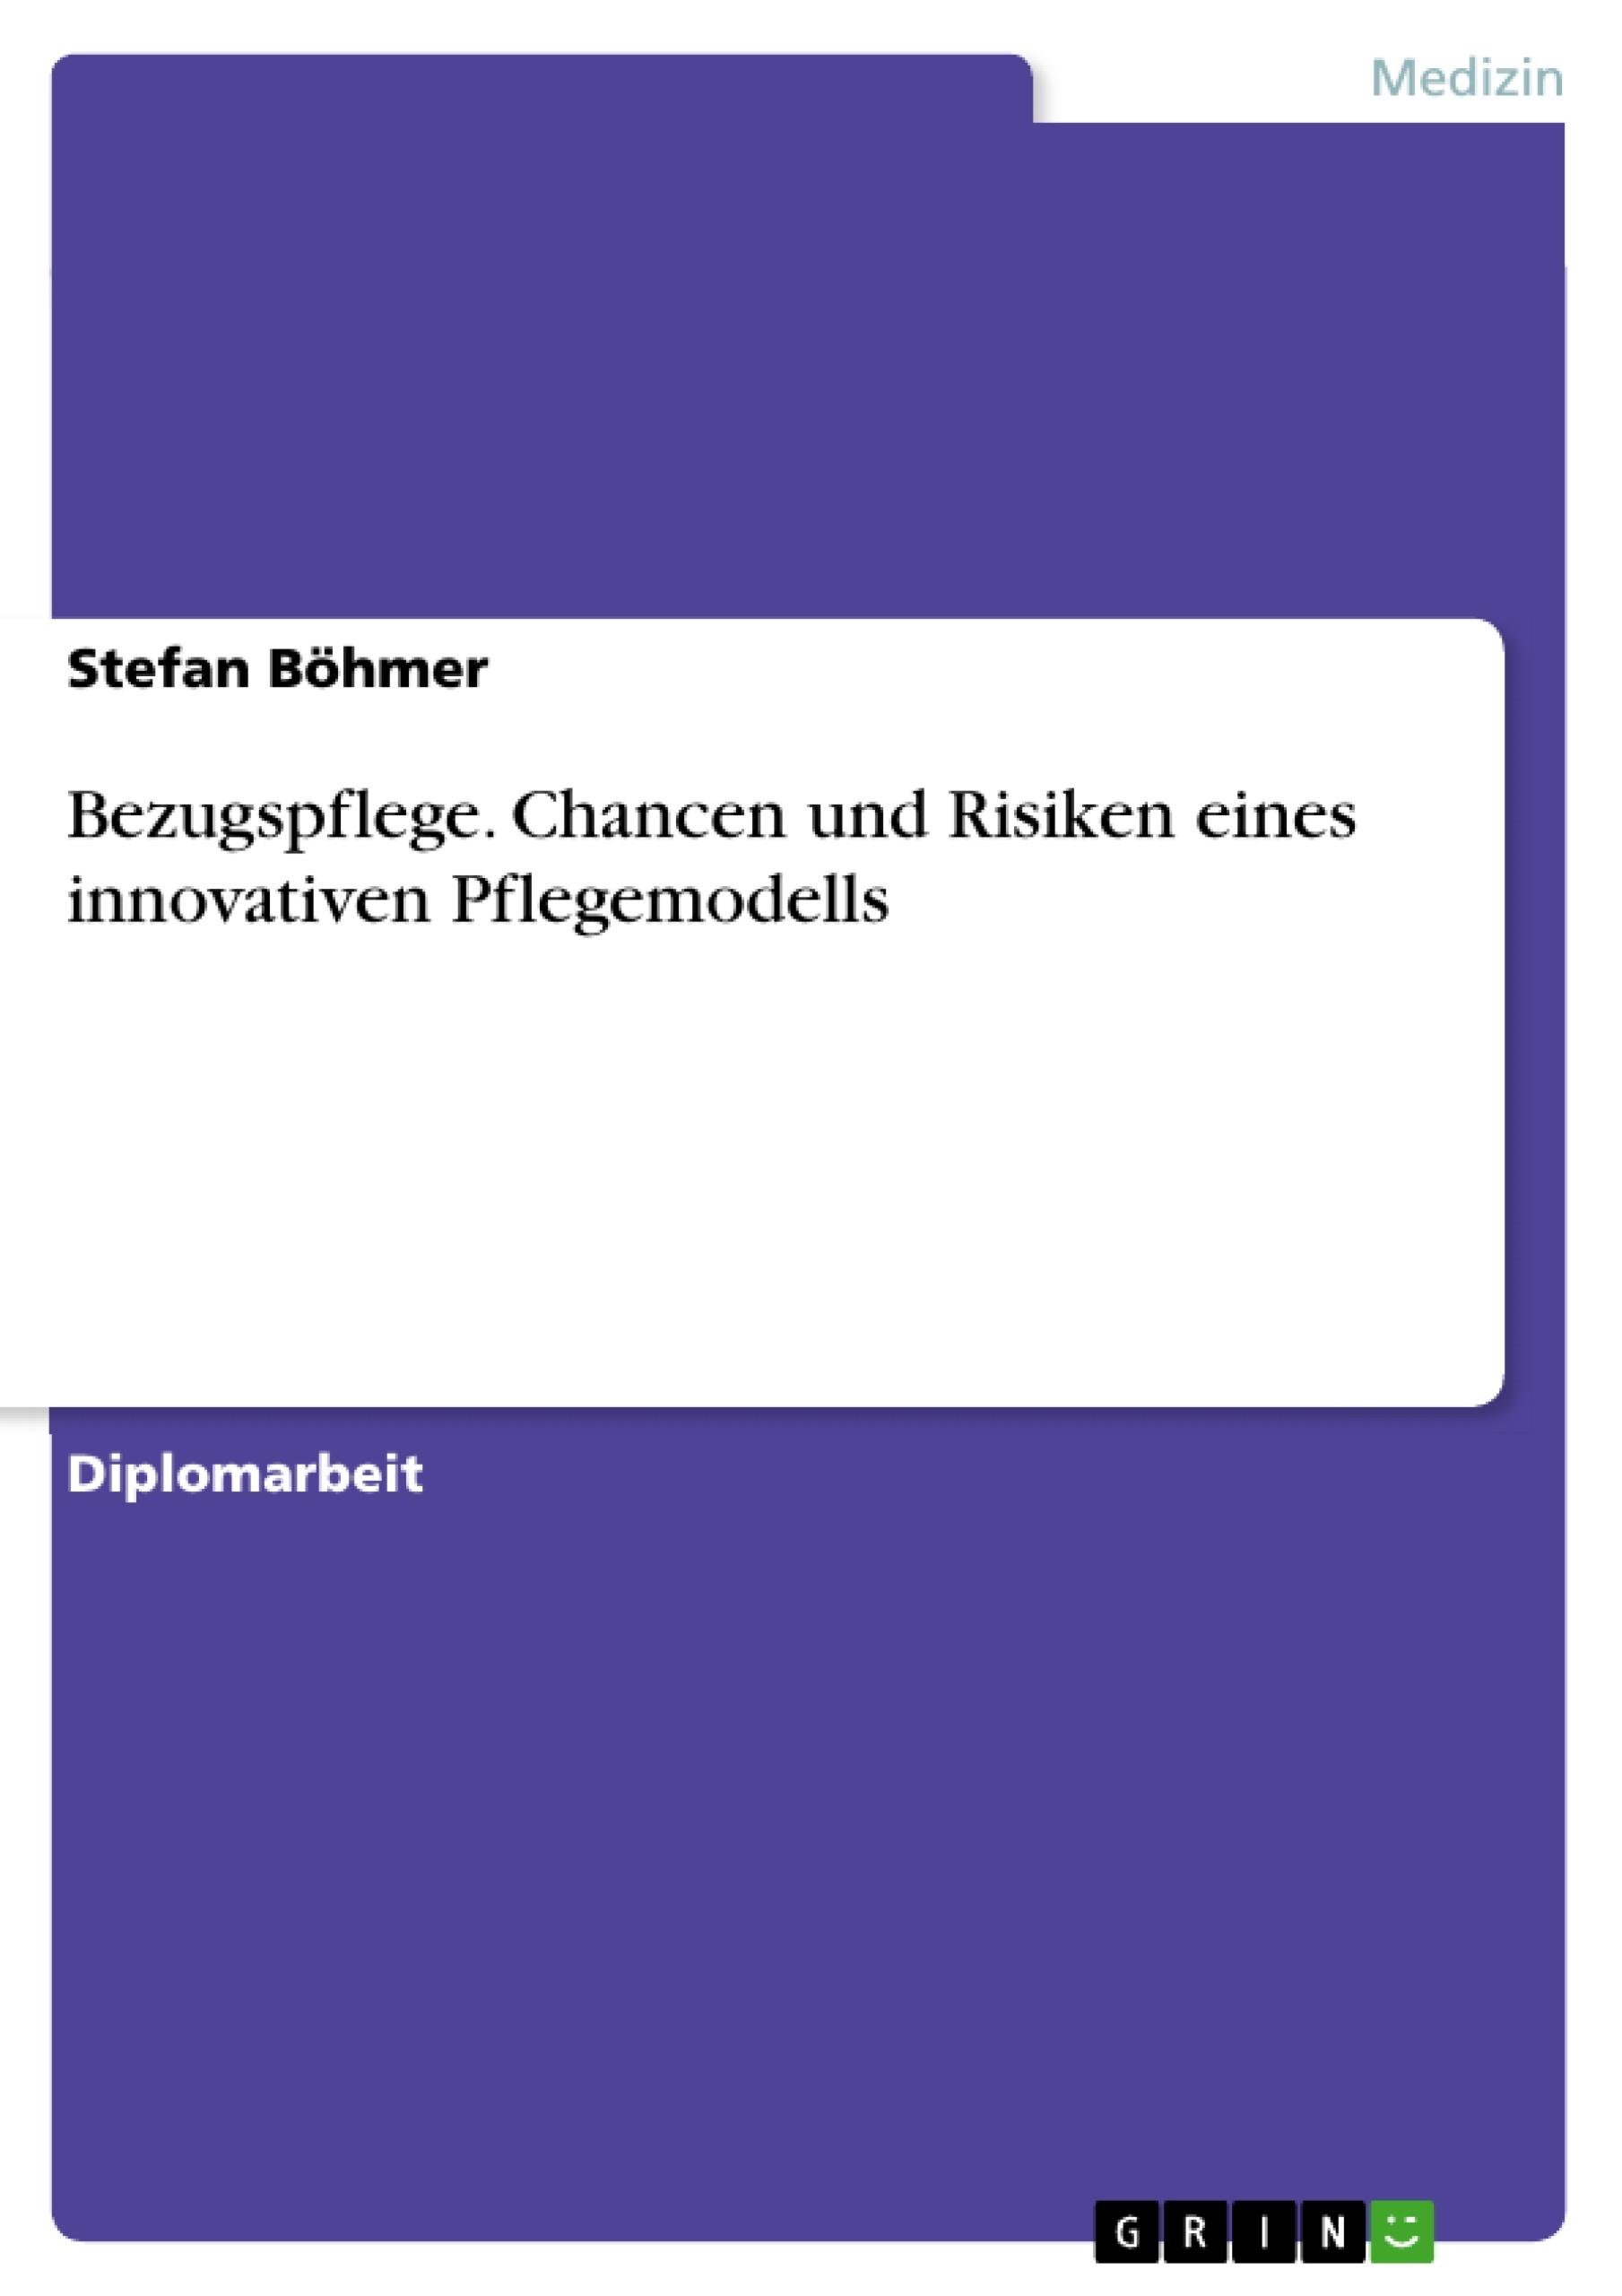 Titel: Bezugspflege. Chancen und Risiken eines innovativen Pflegemodells